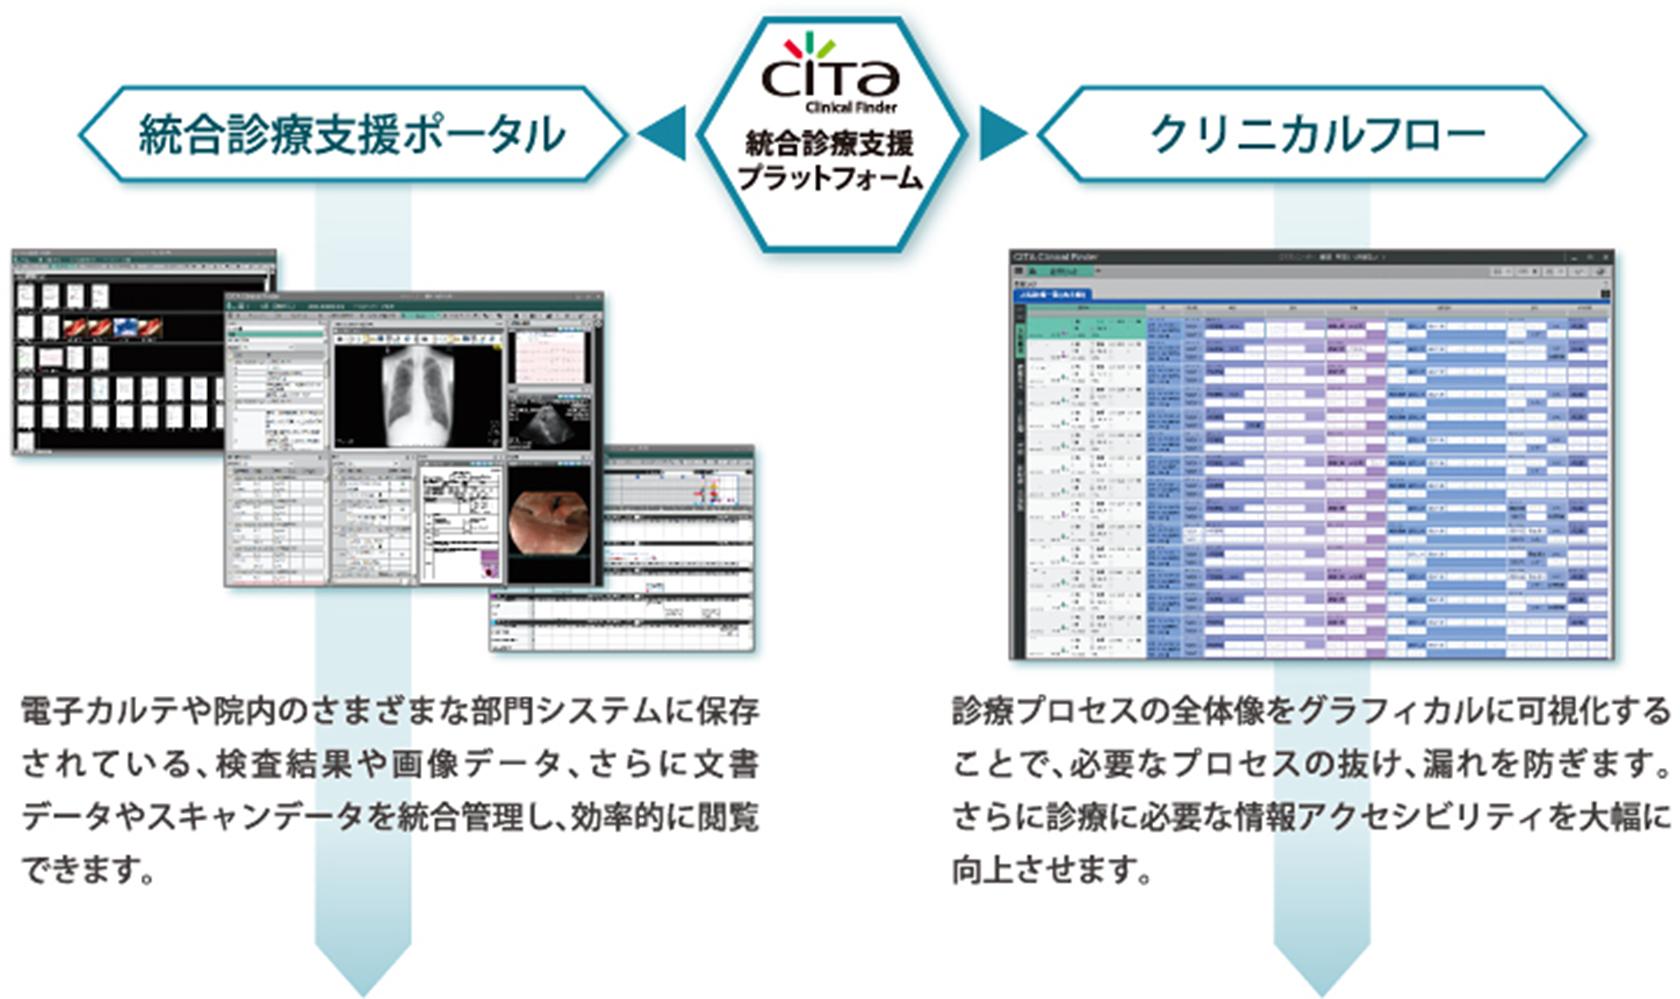 診療データを集約・統合することで見えてくるメリット